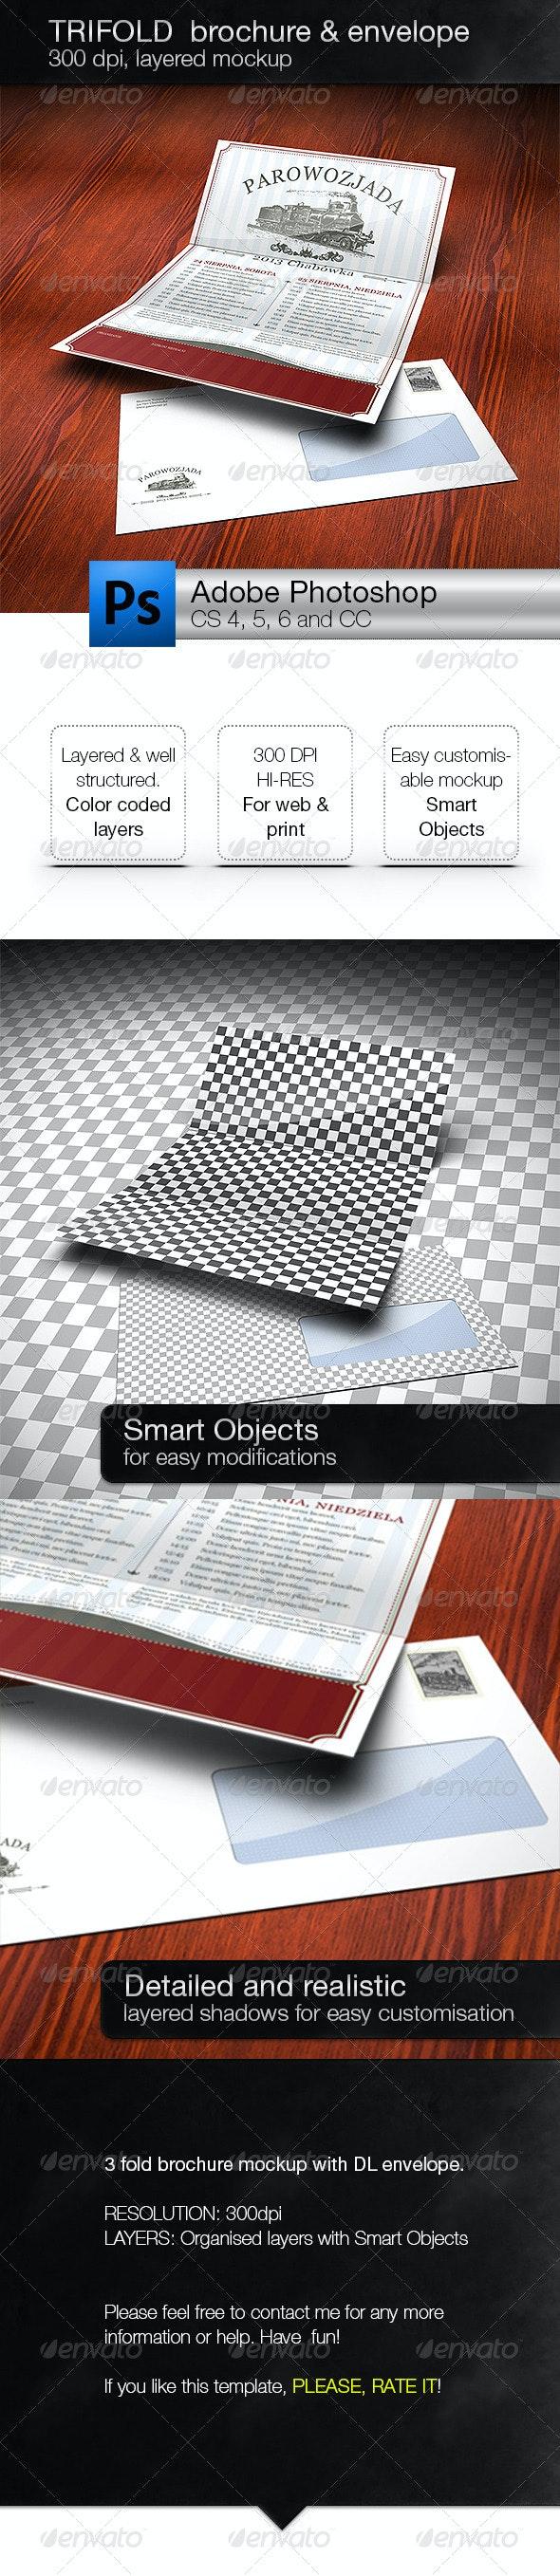 Realistic 3 Fold Brochure and DL Envelope Mockup - Brochures Print